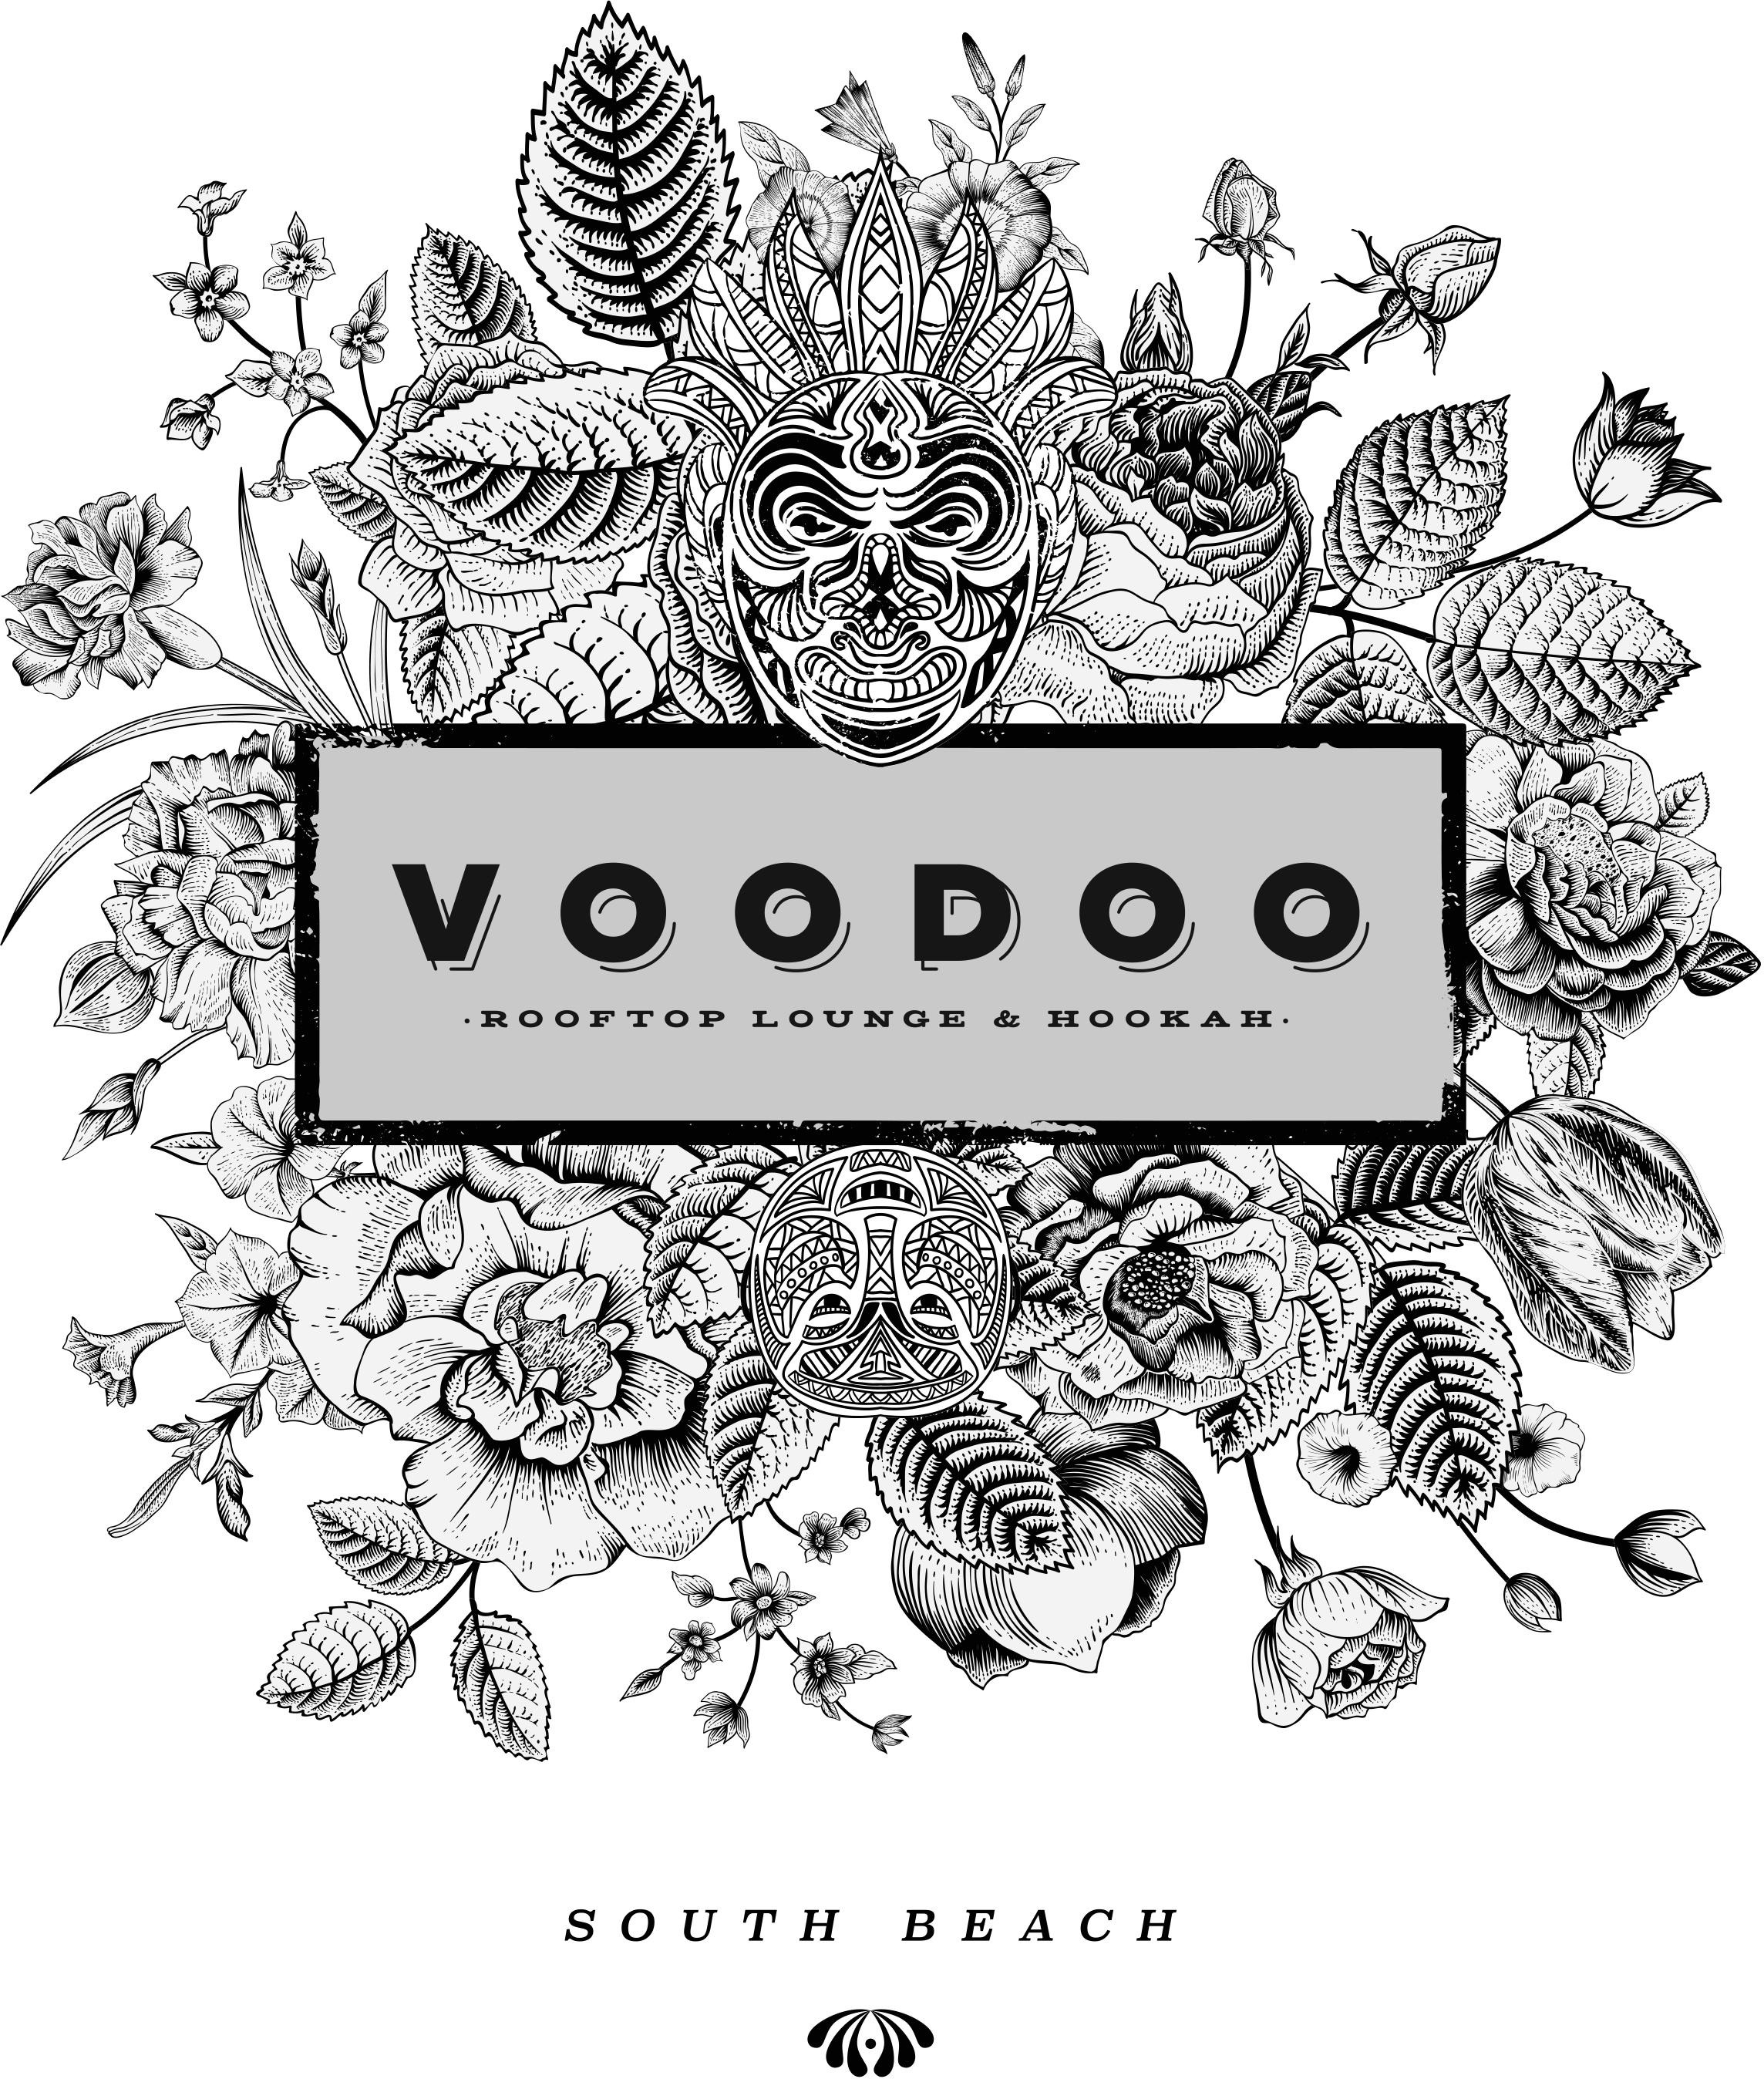 voodoo logo-1.jpg